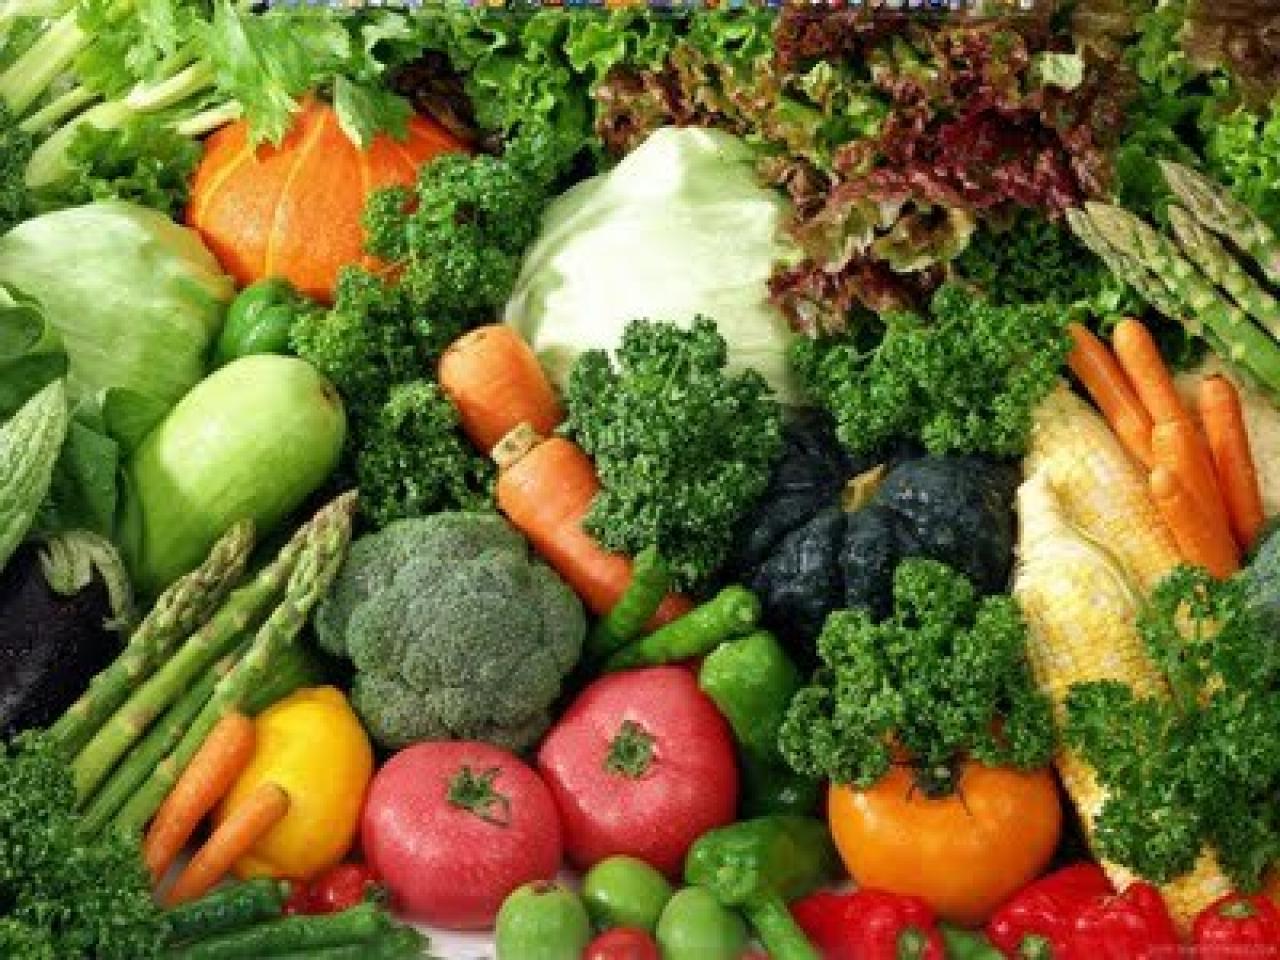 44+ Sayuran yang mengandung vitamin a dan c dan juga buah yang digemari adalah ideas in 2021